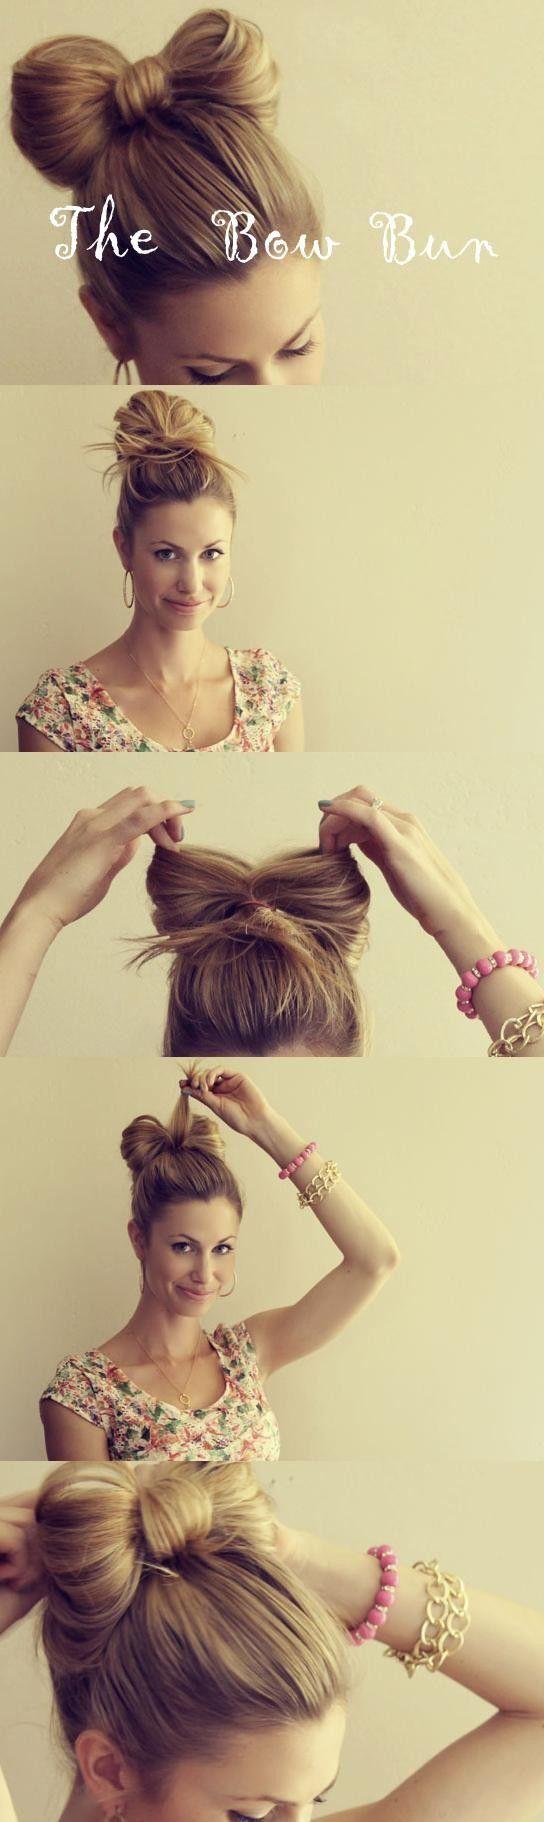 Wedding - Hair Style Ideas- The Hair Bow